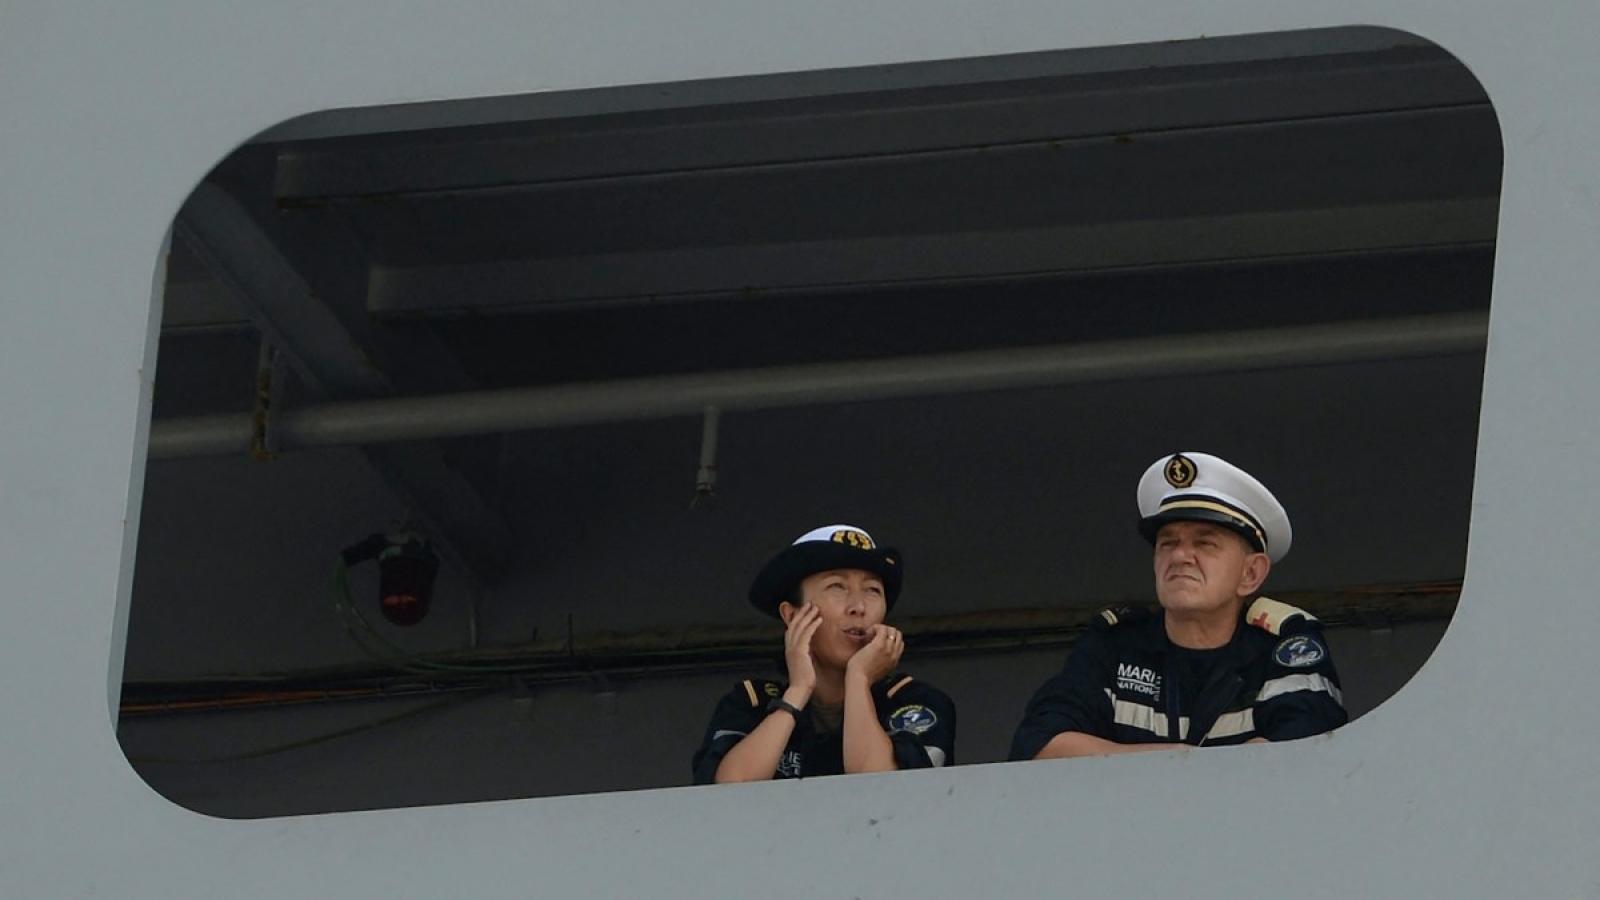 """Vì sao EU muốn """"nhập cuộc sâu"""" trong mặt trận chống Trung Quốc ở Ấn Độ - Thái Bình Dương?"""